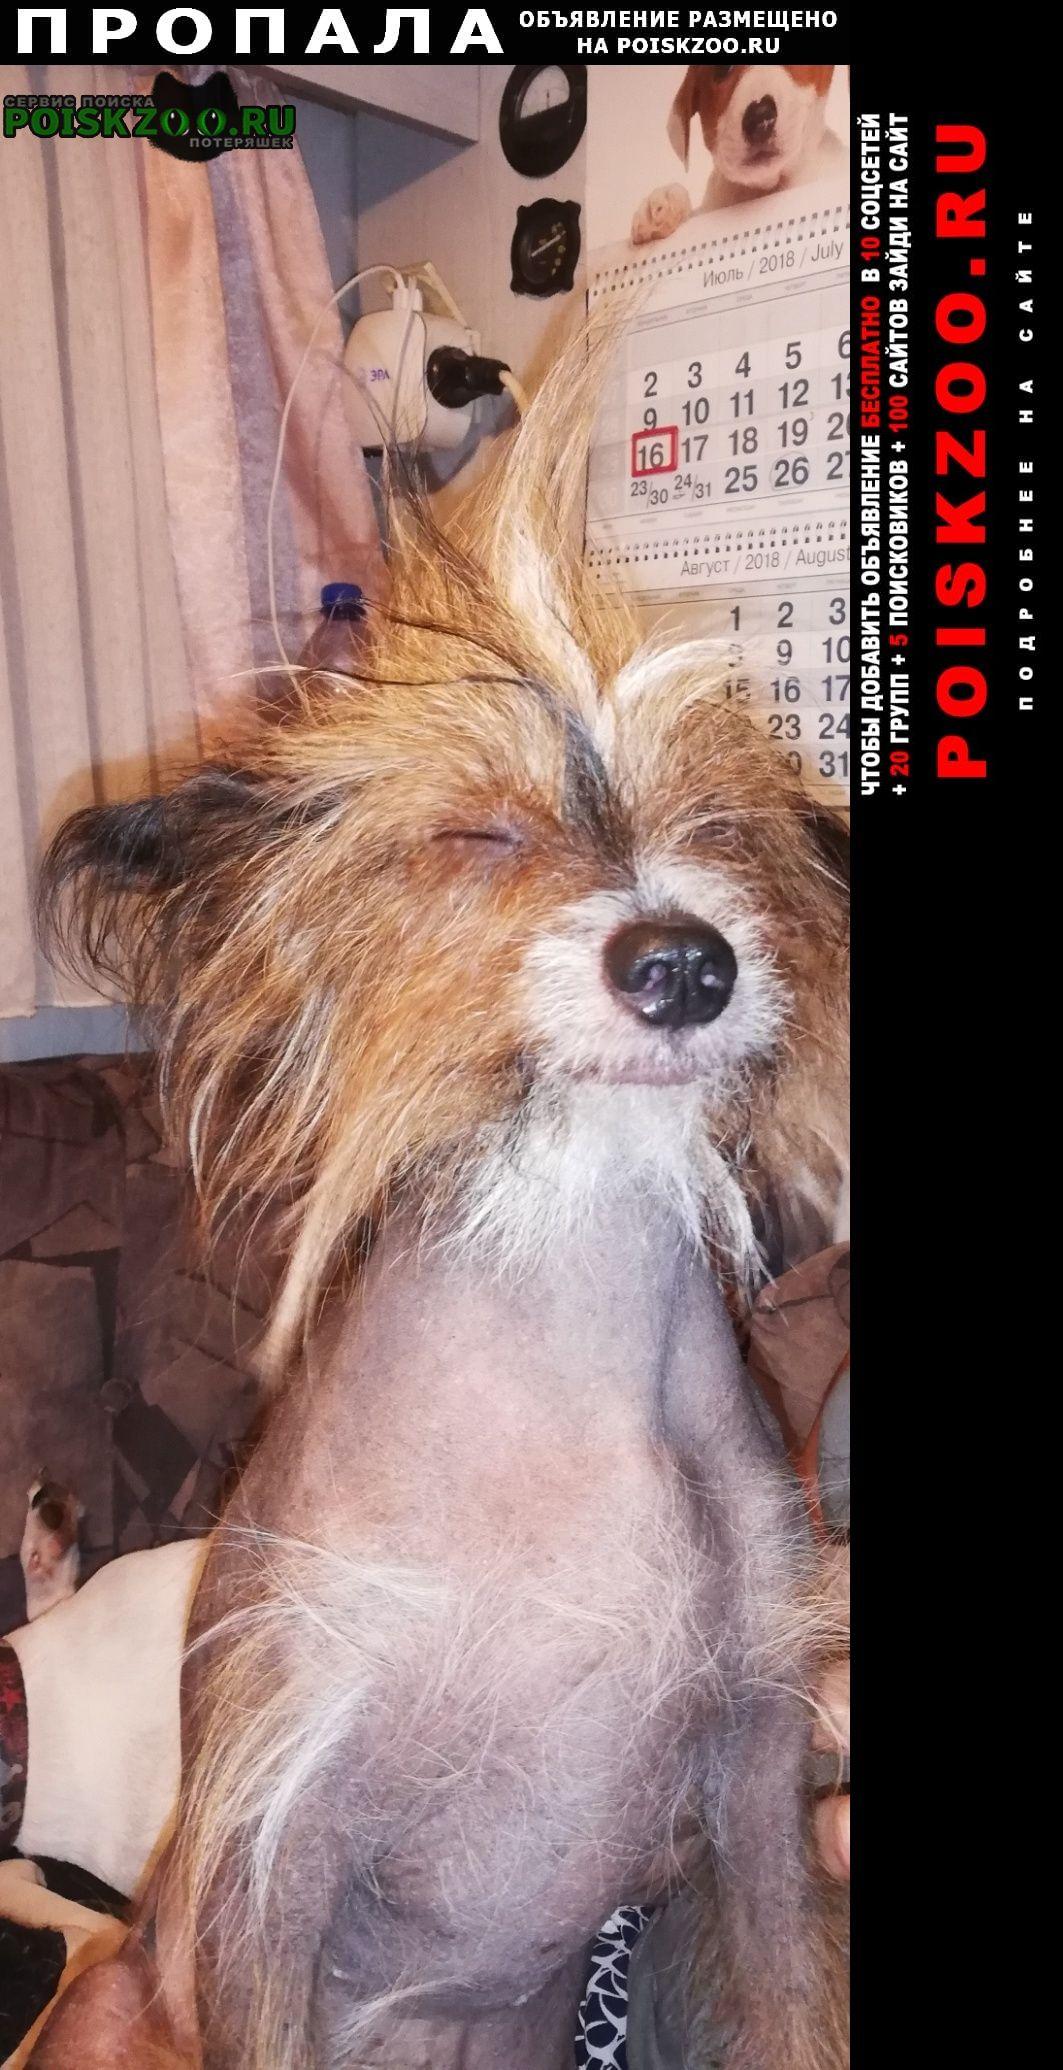 Пропала собака кобель китайская хохлатая Истра